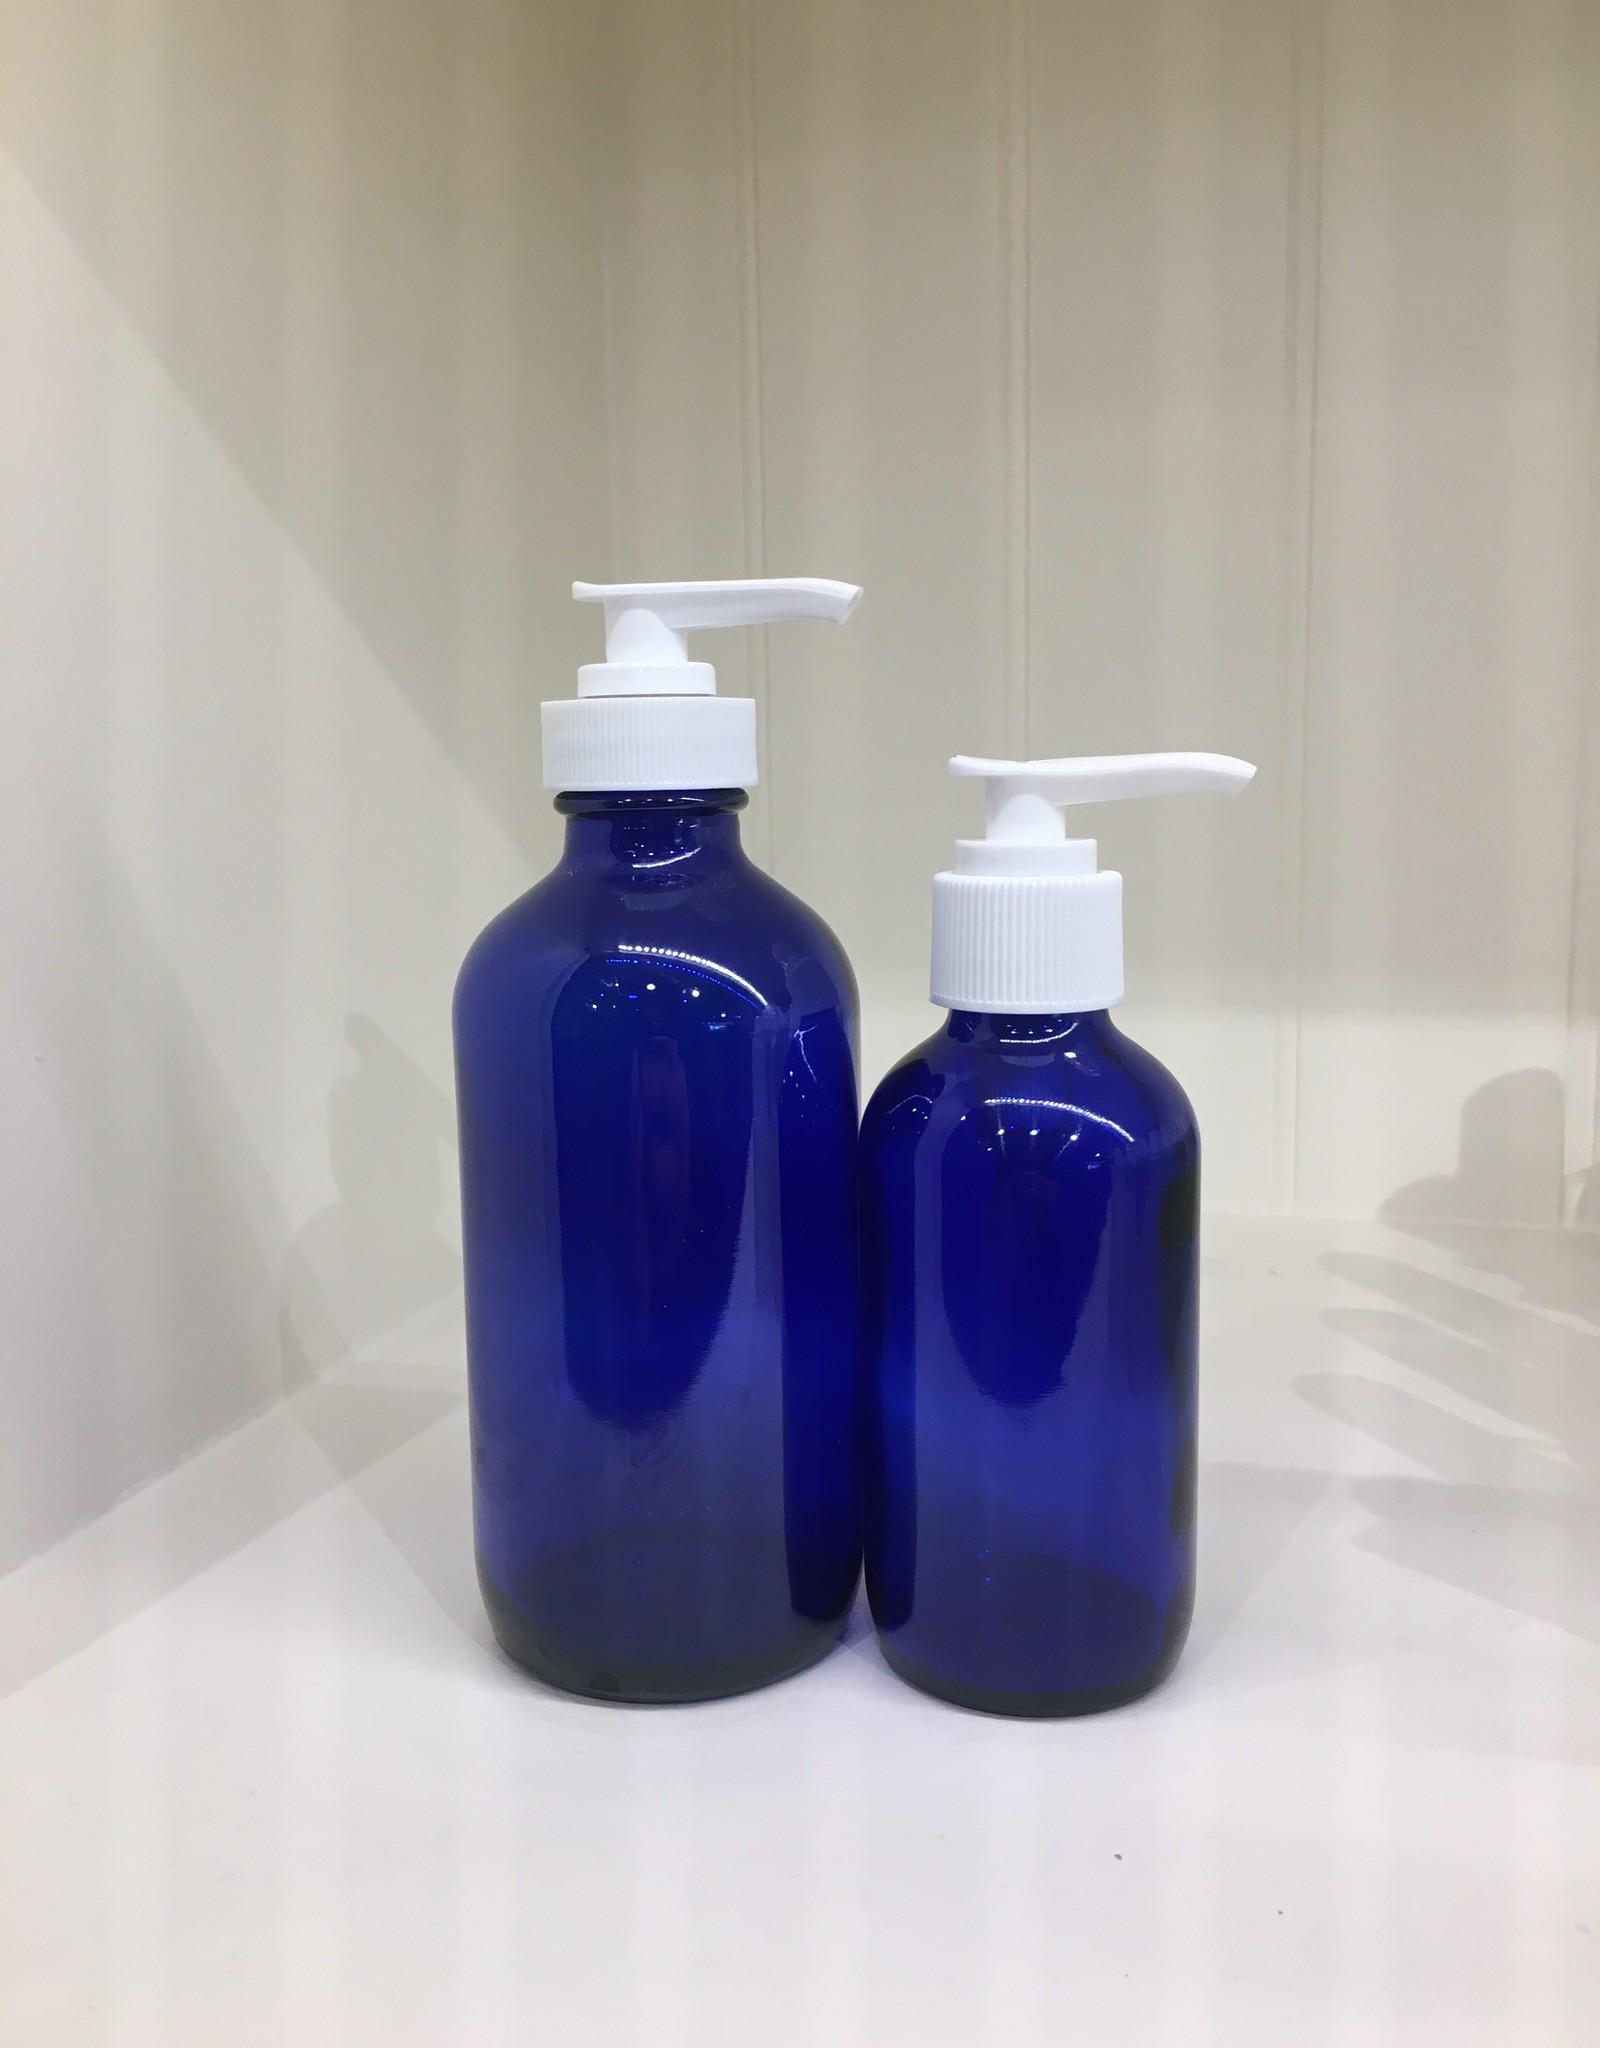 Bulk - Mugwort Body Lotion in Glass Bottle